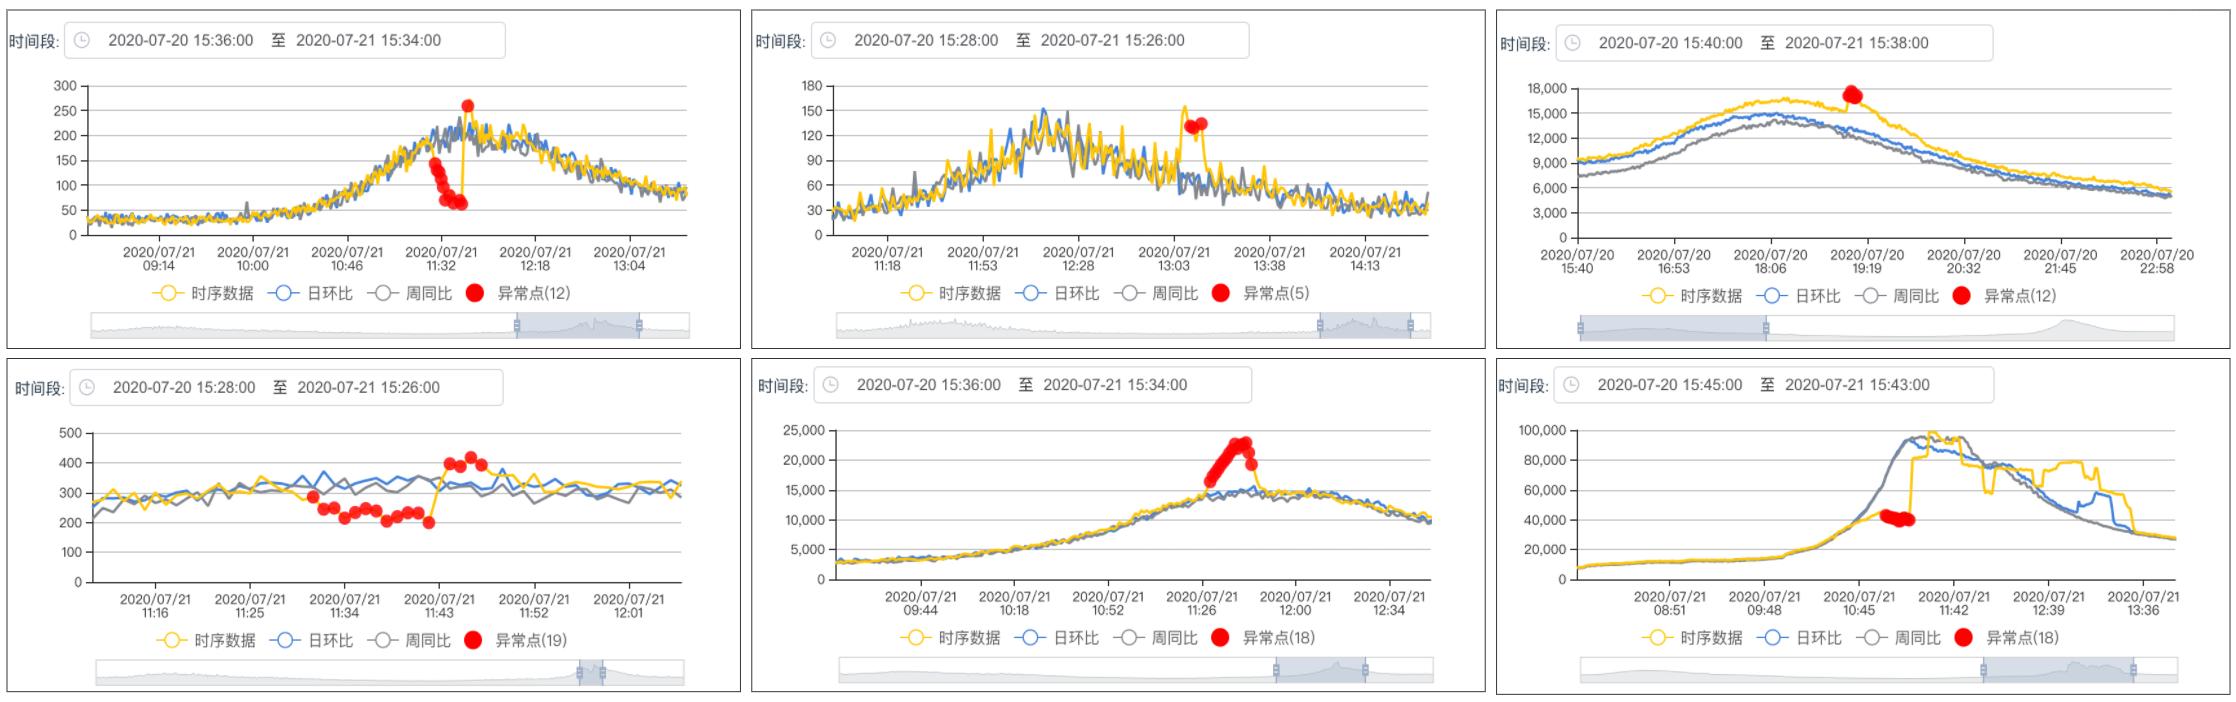 图23 周期型指标异常检测模型生产环境检测结果